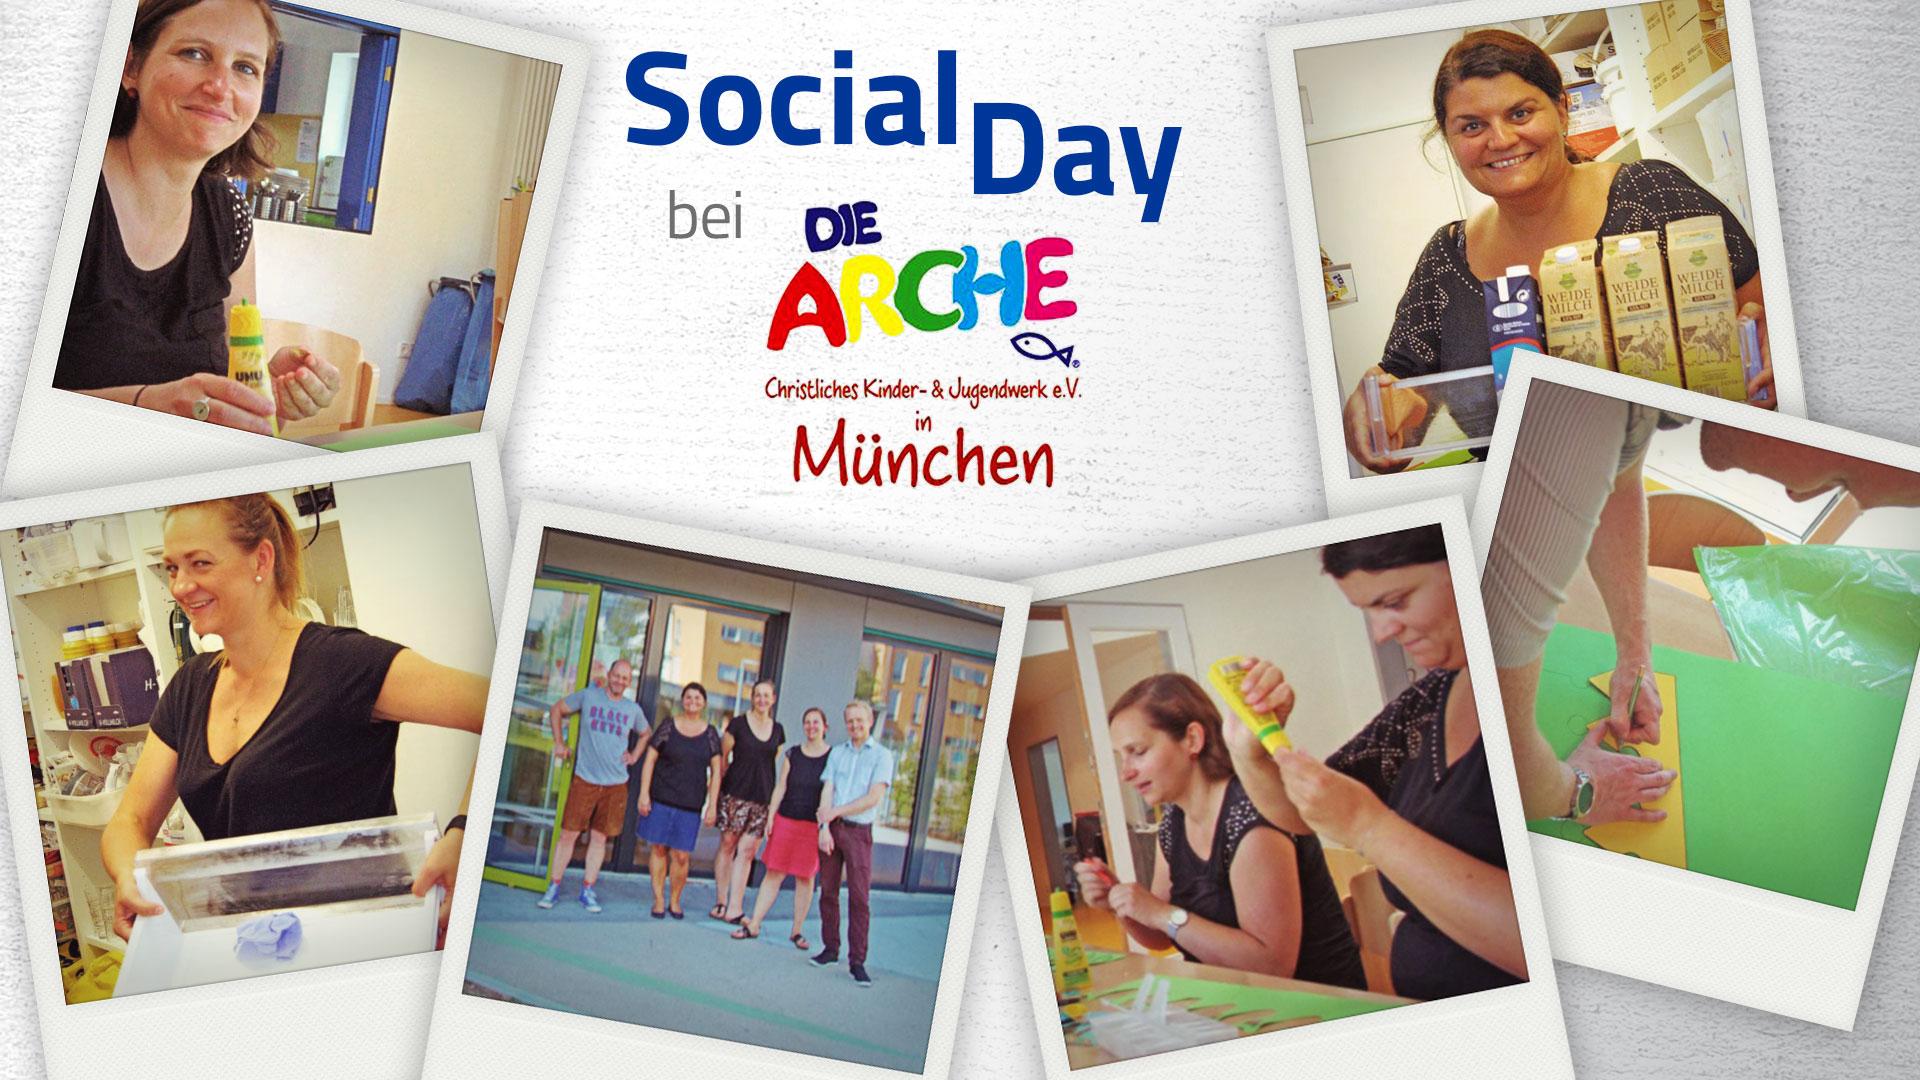 DVA Social Day bei der Arche München